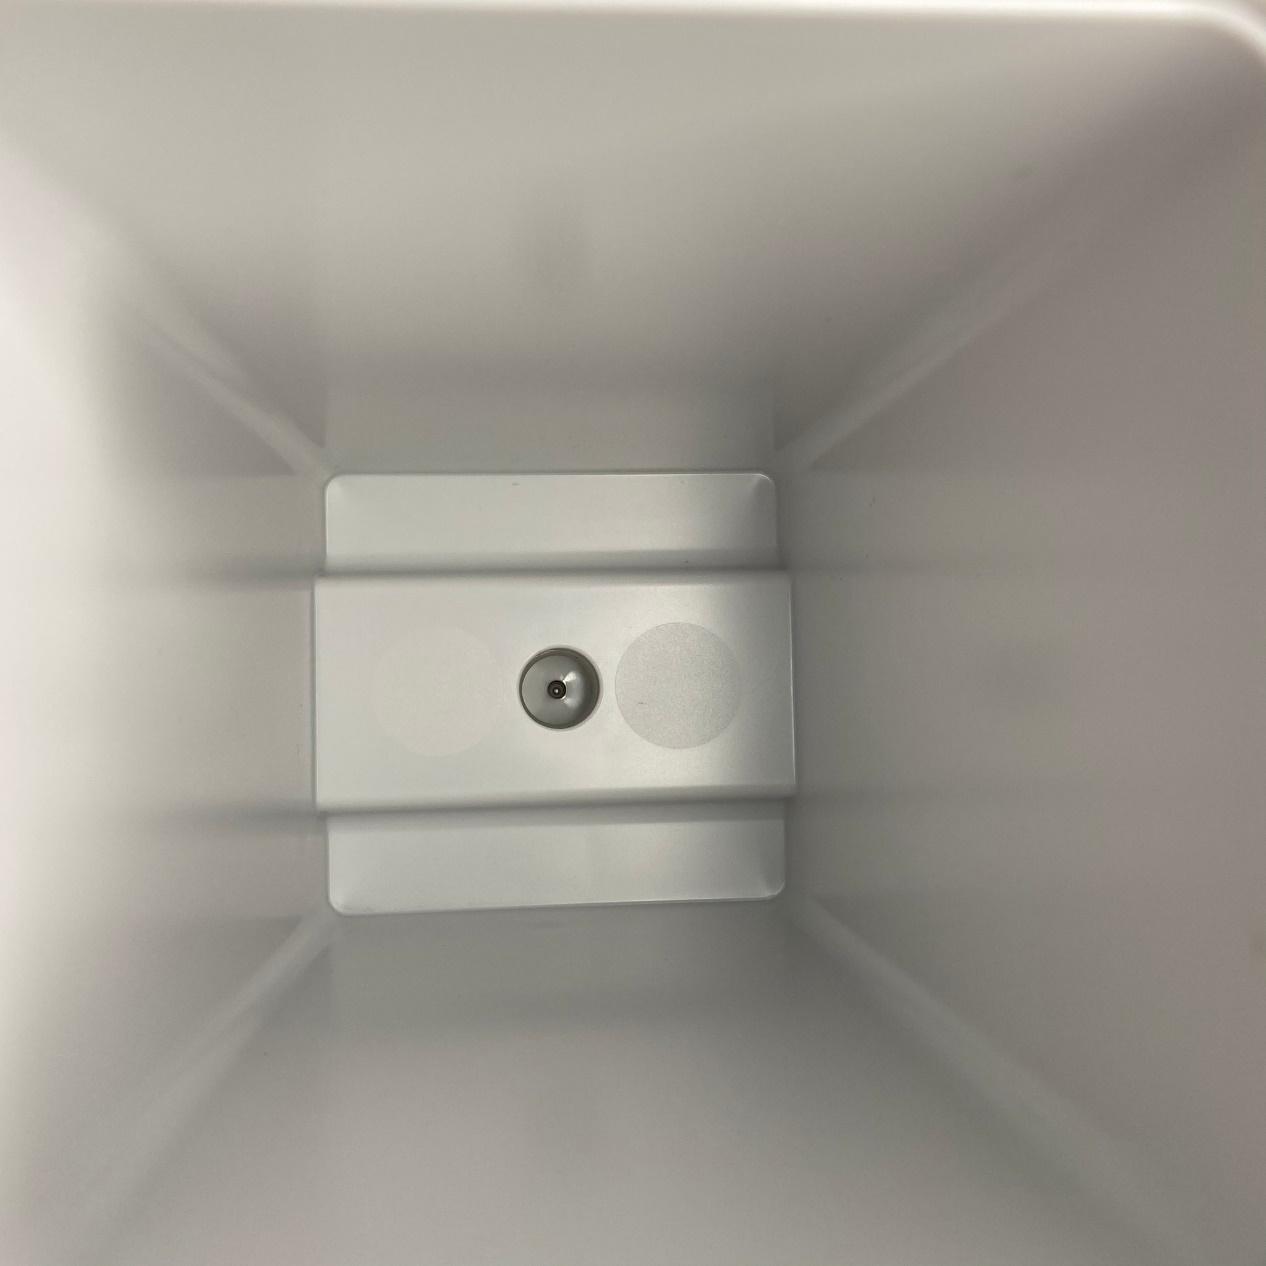 伊崎即熱飲水機排水設計